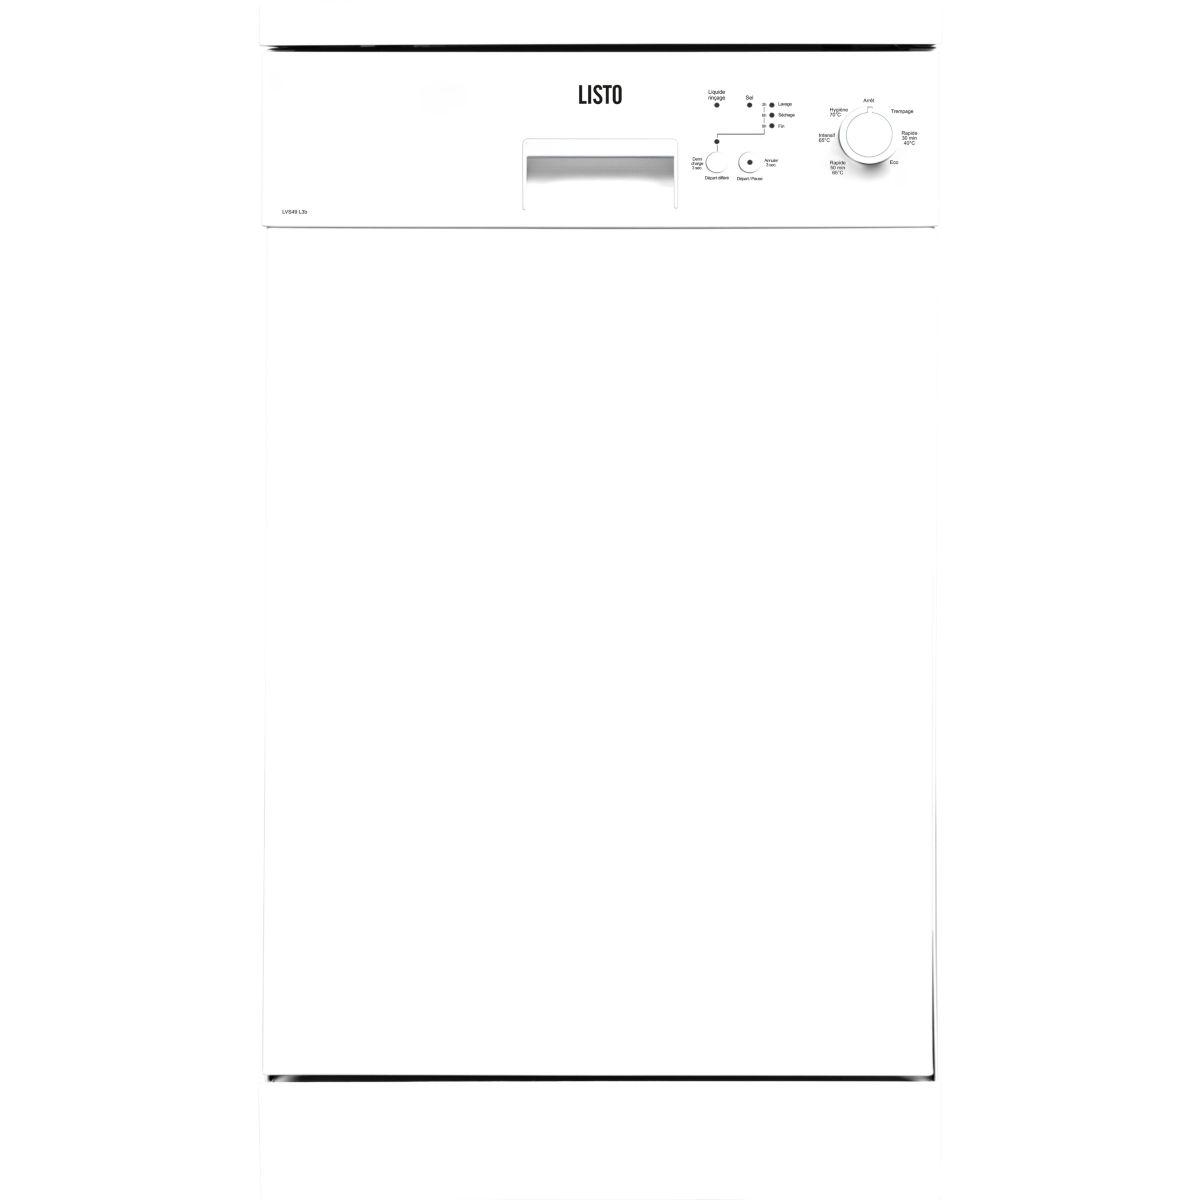 Lave-vaisselle compact 45cm LISTO LVS49 L3 blanc (photo)